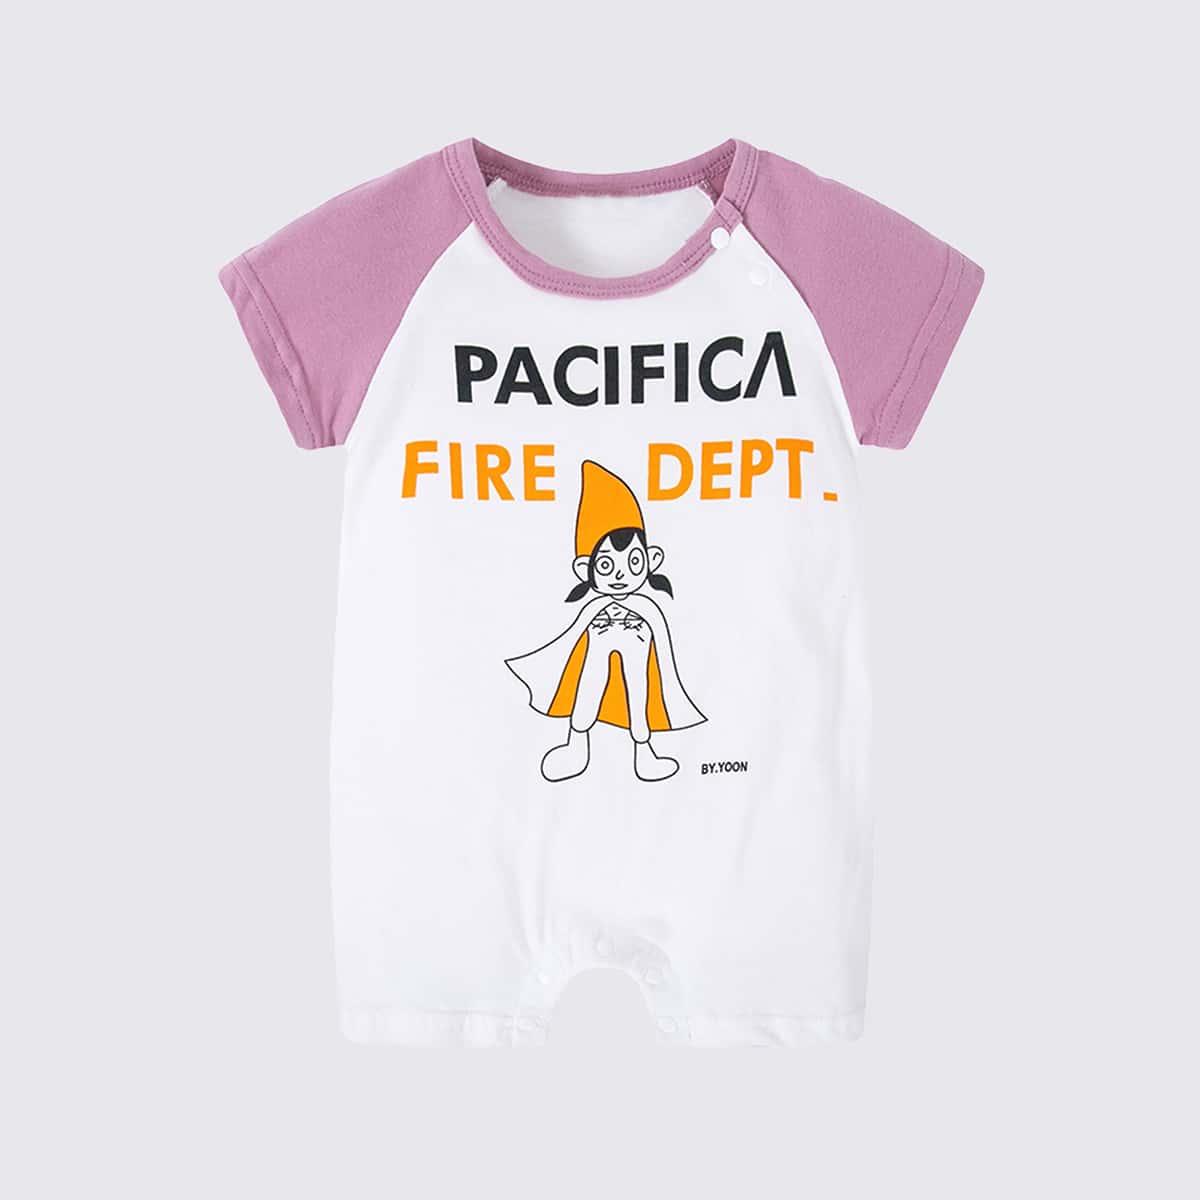 Комбинезон-футболка с текстовым и мультяшным принтом для девочек от SHEIN